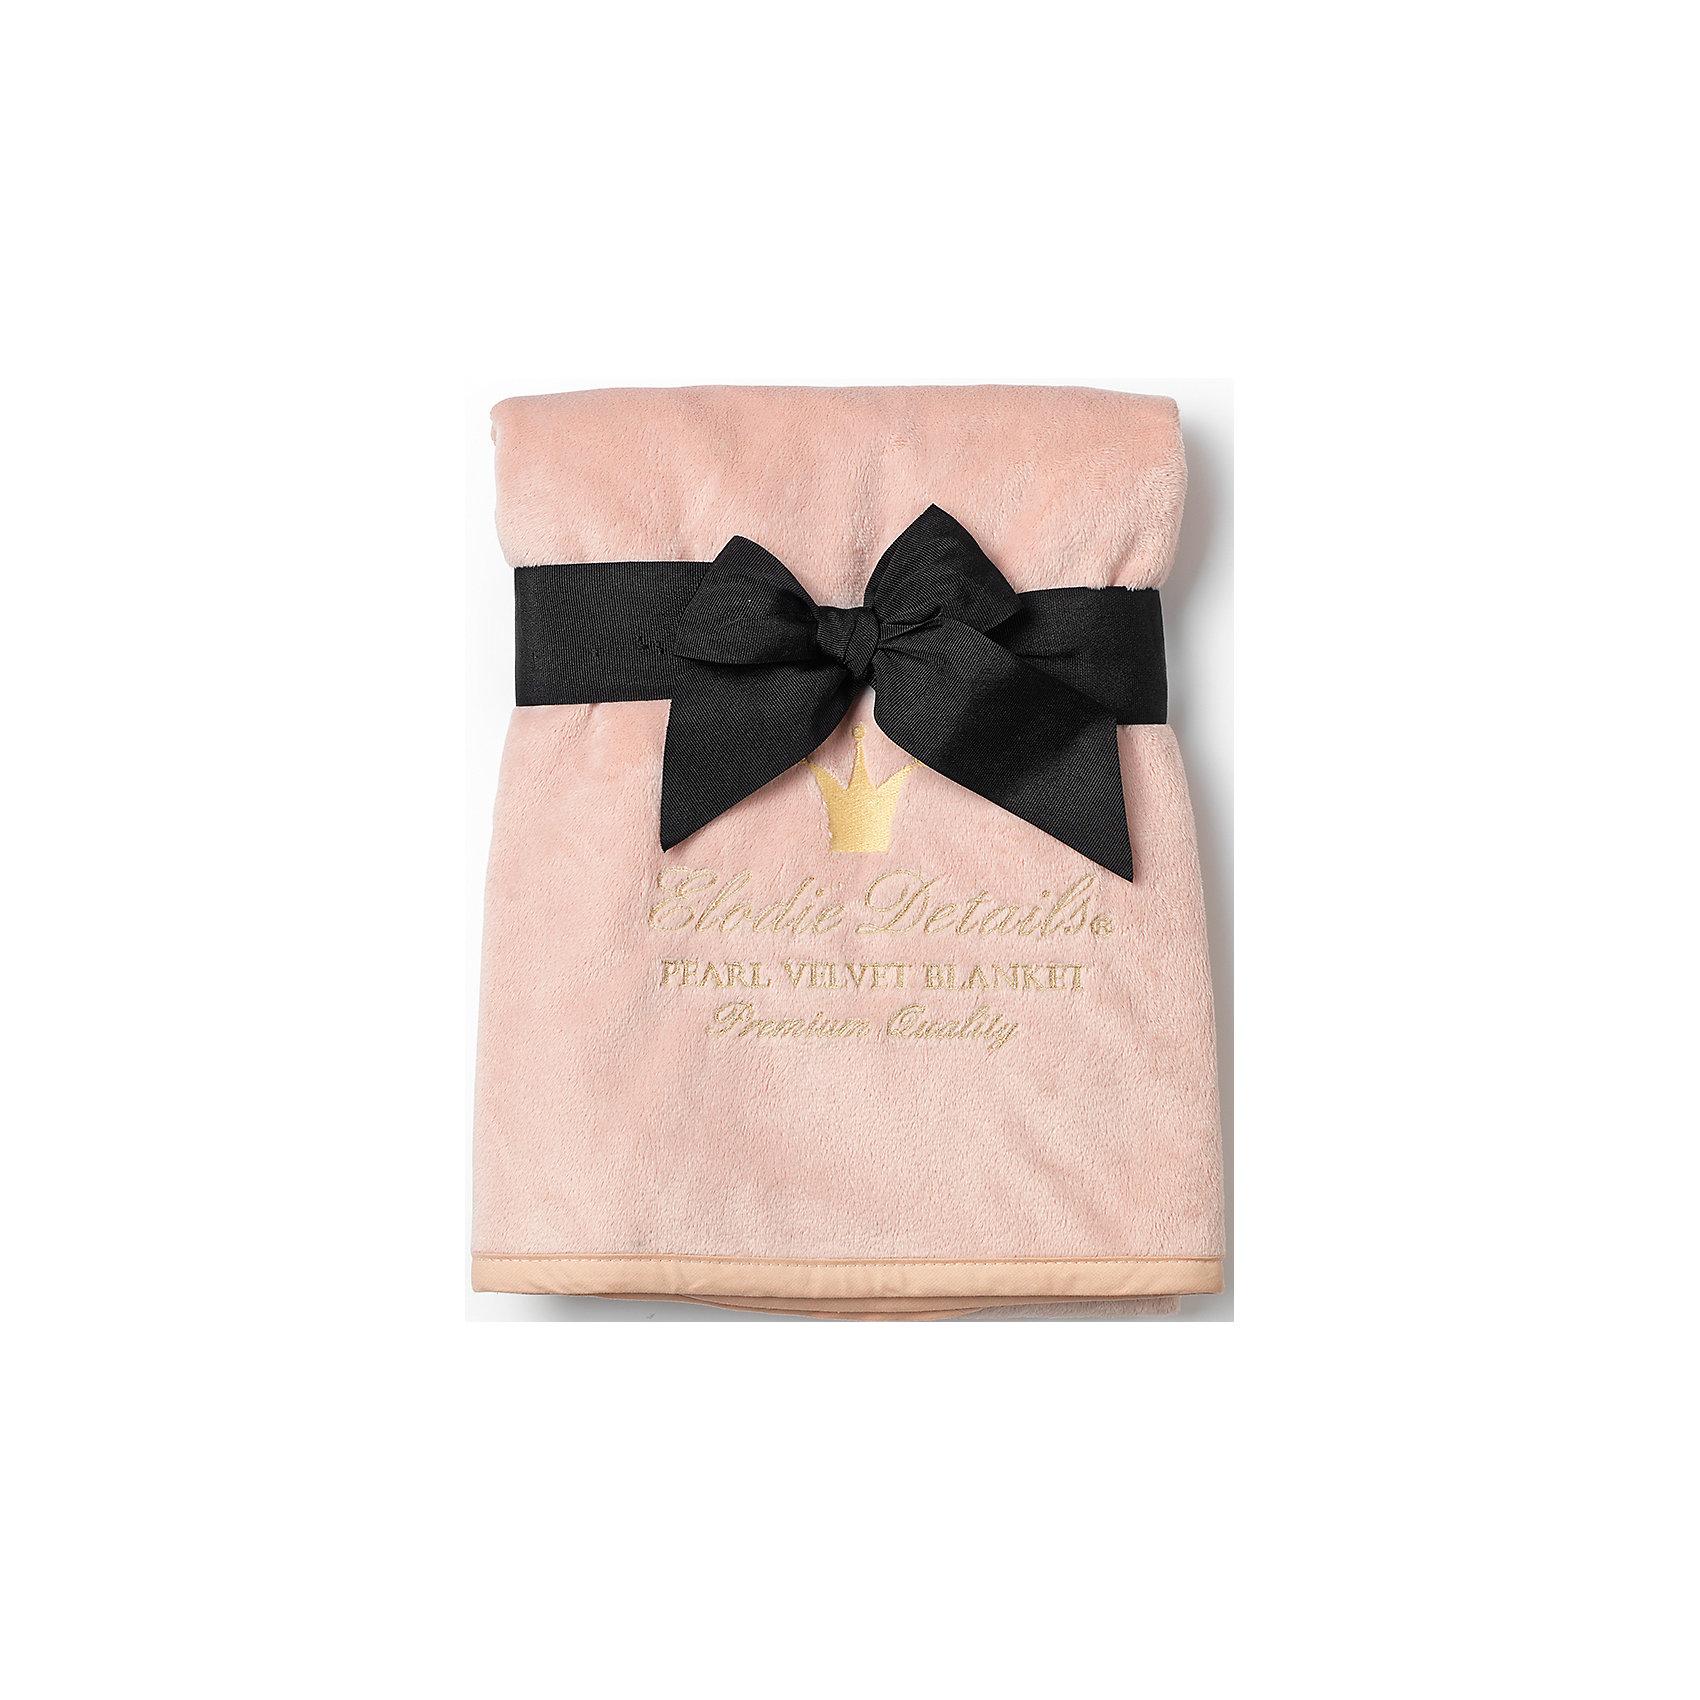 Плед Powder Pink, Elodie DetailsОдеяла, пледы<br>Плед Powder Pink, Elodie Details.<br><br>Характеристики: <br><br>• Материал: флис  Pearl Velvet.<br>• Влагоизоляционный материал.<br>• Рекомендована машинная стирка.<br>•  Размеры: 75х100 см.<br><br>Плед Powder Pink, Elodie Details от известного шведского производителя функциональных и инновационных товаров для детей. Плед выполнен из бархатного флиса  Pearl Velvet. Этот материал  нового поколения завораживает своей нежностью и теплотой. Данная модель выполнена в нежном пудрово- розовом  цвете и украшена золотым принтом (логотип бренда). Pearl Velvet имеет влагоизоляционные особенности, что важно  и необходимо для детских одеял. Таким пледом очень удобно пользоваться, он отлично подходит для любого времени года. Прекрасно подходит для использования в коляске. Высокое качество материала позволяет стирать плед в стиральной машине. Даже после многократных стирок Плед Powder Pink, Elodie Details не потеряет свою форму, мягкость и цвет. Материалы, из которых сделан плед, протестированы на качество, гигиеничность и безопасность. Подарите ребенку заботу и комфорт, завернув его в такой плед!<br><br>Плед Powder Pink, Elodie Details, можно купить в нашем интернет  -магазине.<br><br>Ширина мм: 450<br>Глубина мм: 230<br>Высота мм: 30<br>Вес г: 380<br>Возраст от месяцев: 0<br>Возраст до месяцев: 36<br>Пол: Унисекс<br>Возраст: Детский<br>SKU: 5077456